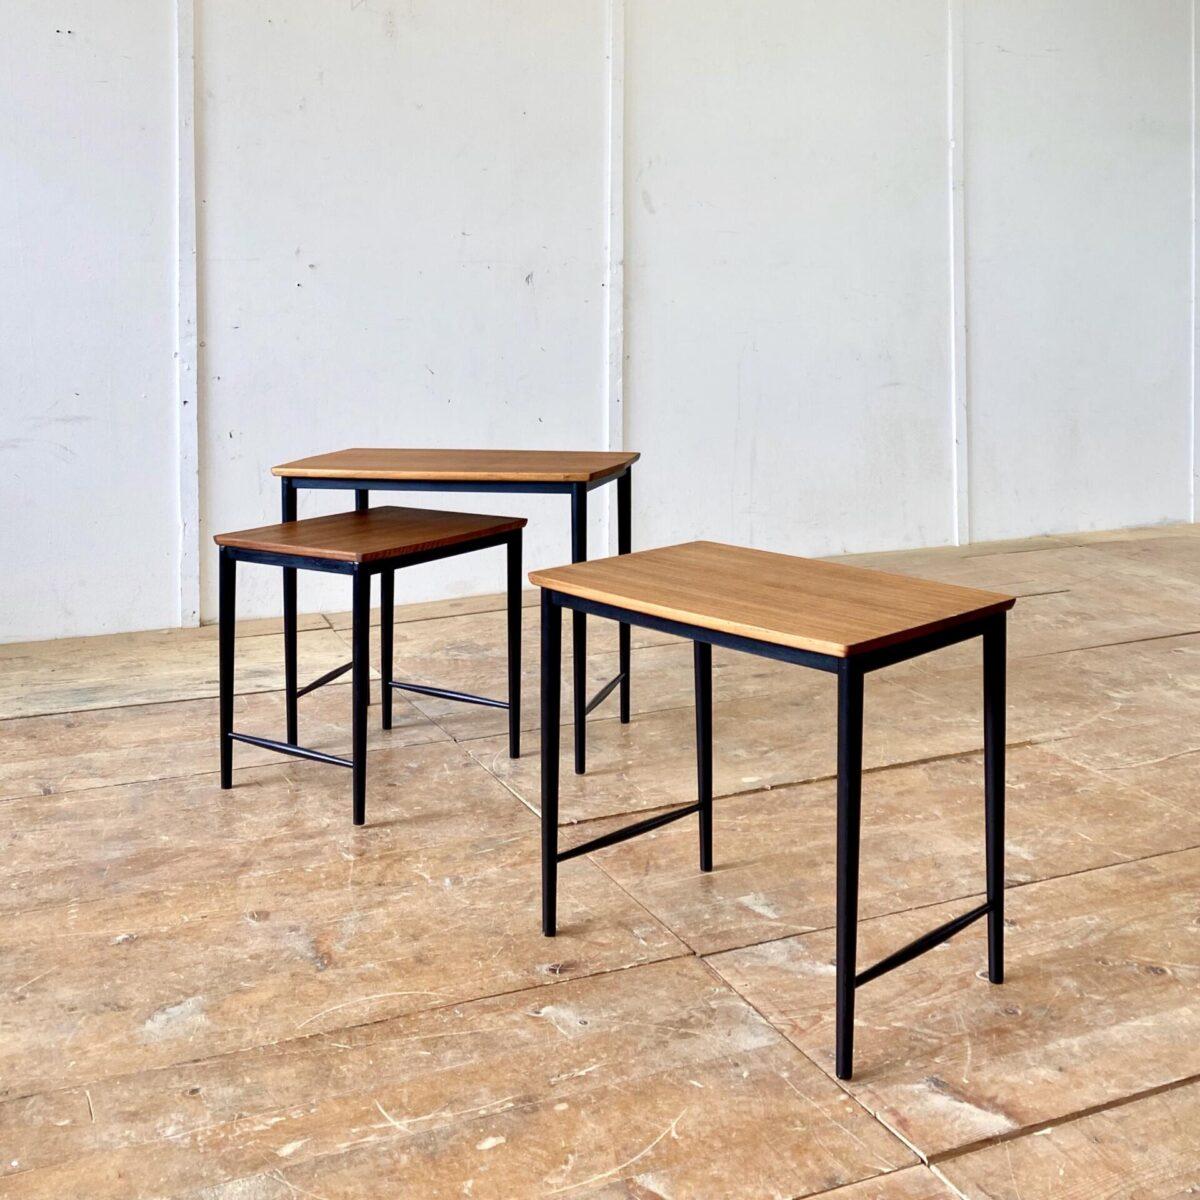 Deuxieme.shop midcentury Satztische leggera Gio ponti. Set mit 3 Nussbaum Satztischen. 67x40cm Höhe 54cm. Die Tische sind frisch aufbereitet, Holzoberfläche mit Naturöl behandelt. Die Filigranen Holzbeine sind schwarz lackiert. Die Tische lassen sich ineinander Schieben, verteilt als Sofa Beistelltische oder Blumentische.